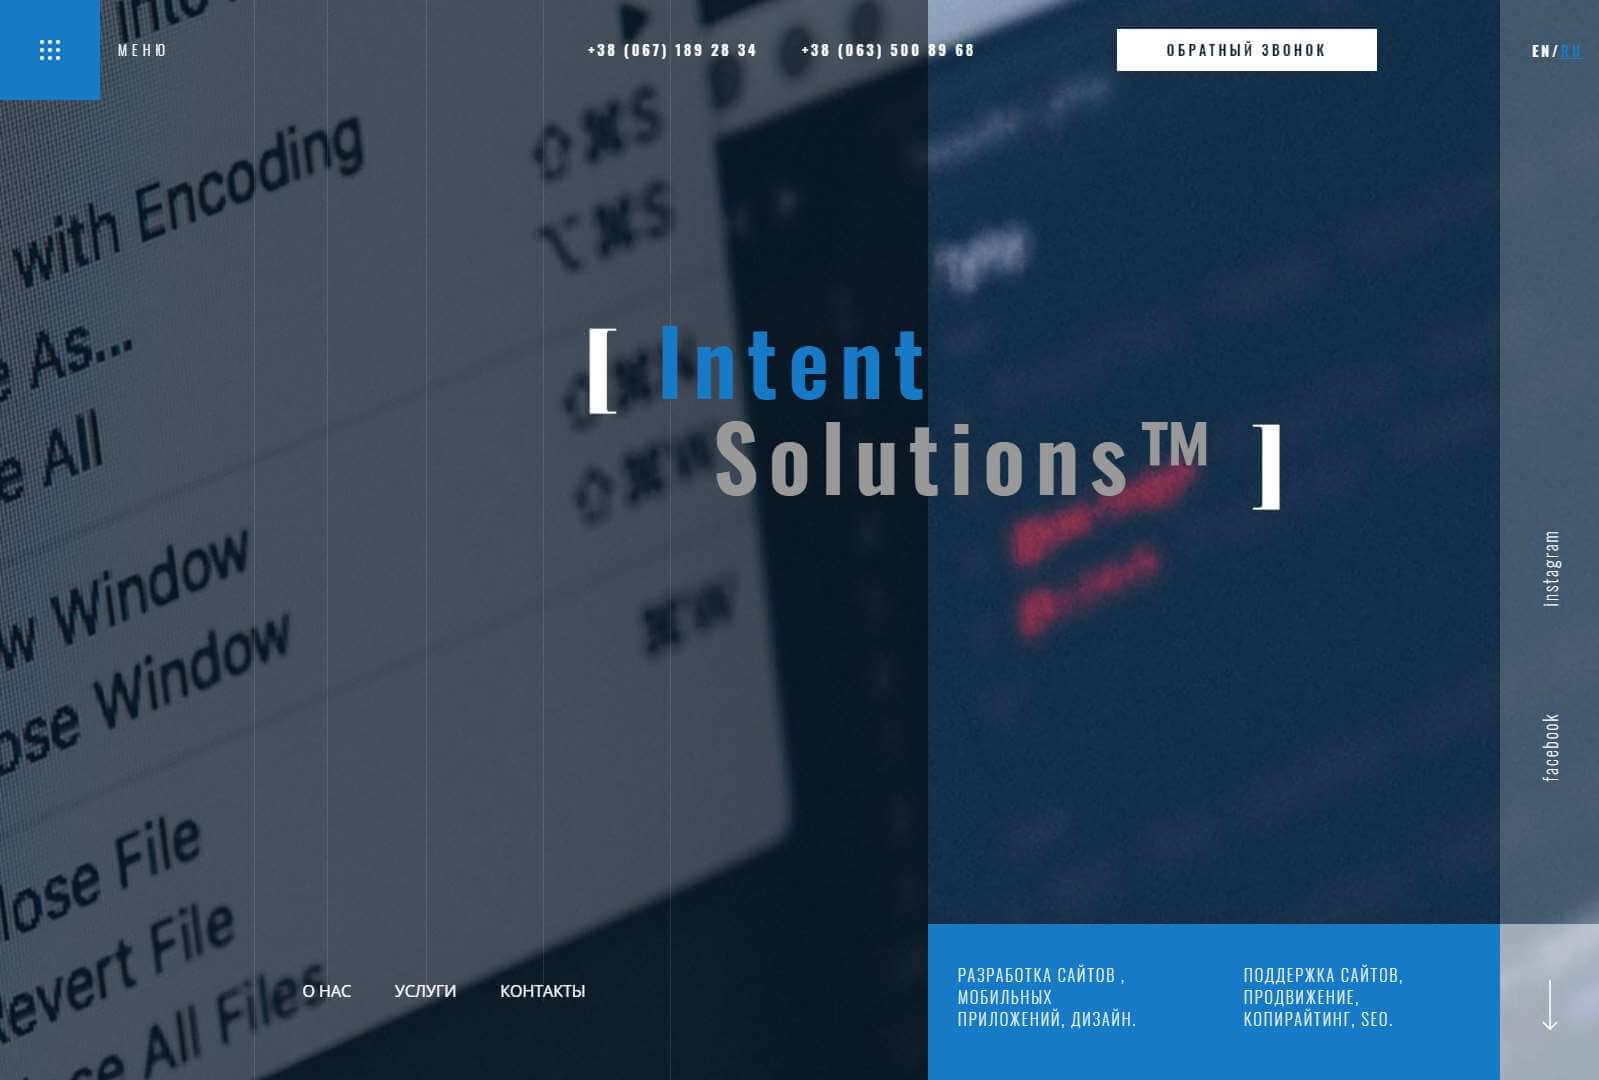 INTENT SOLUTIONS - обзор компании, услуги, отзывы, клиенты, Фото № 1 - google-seo.pro